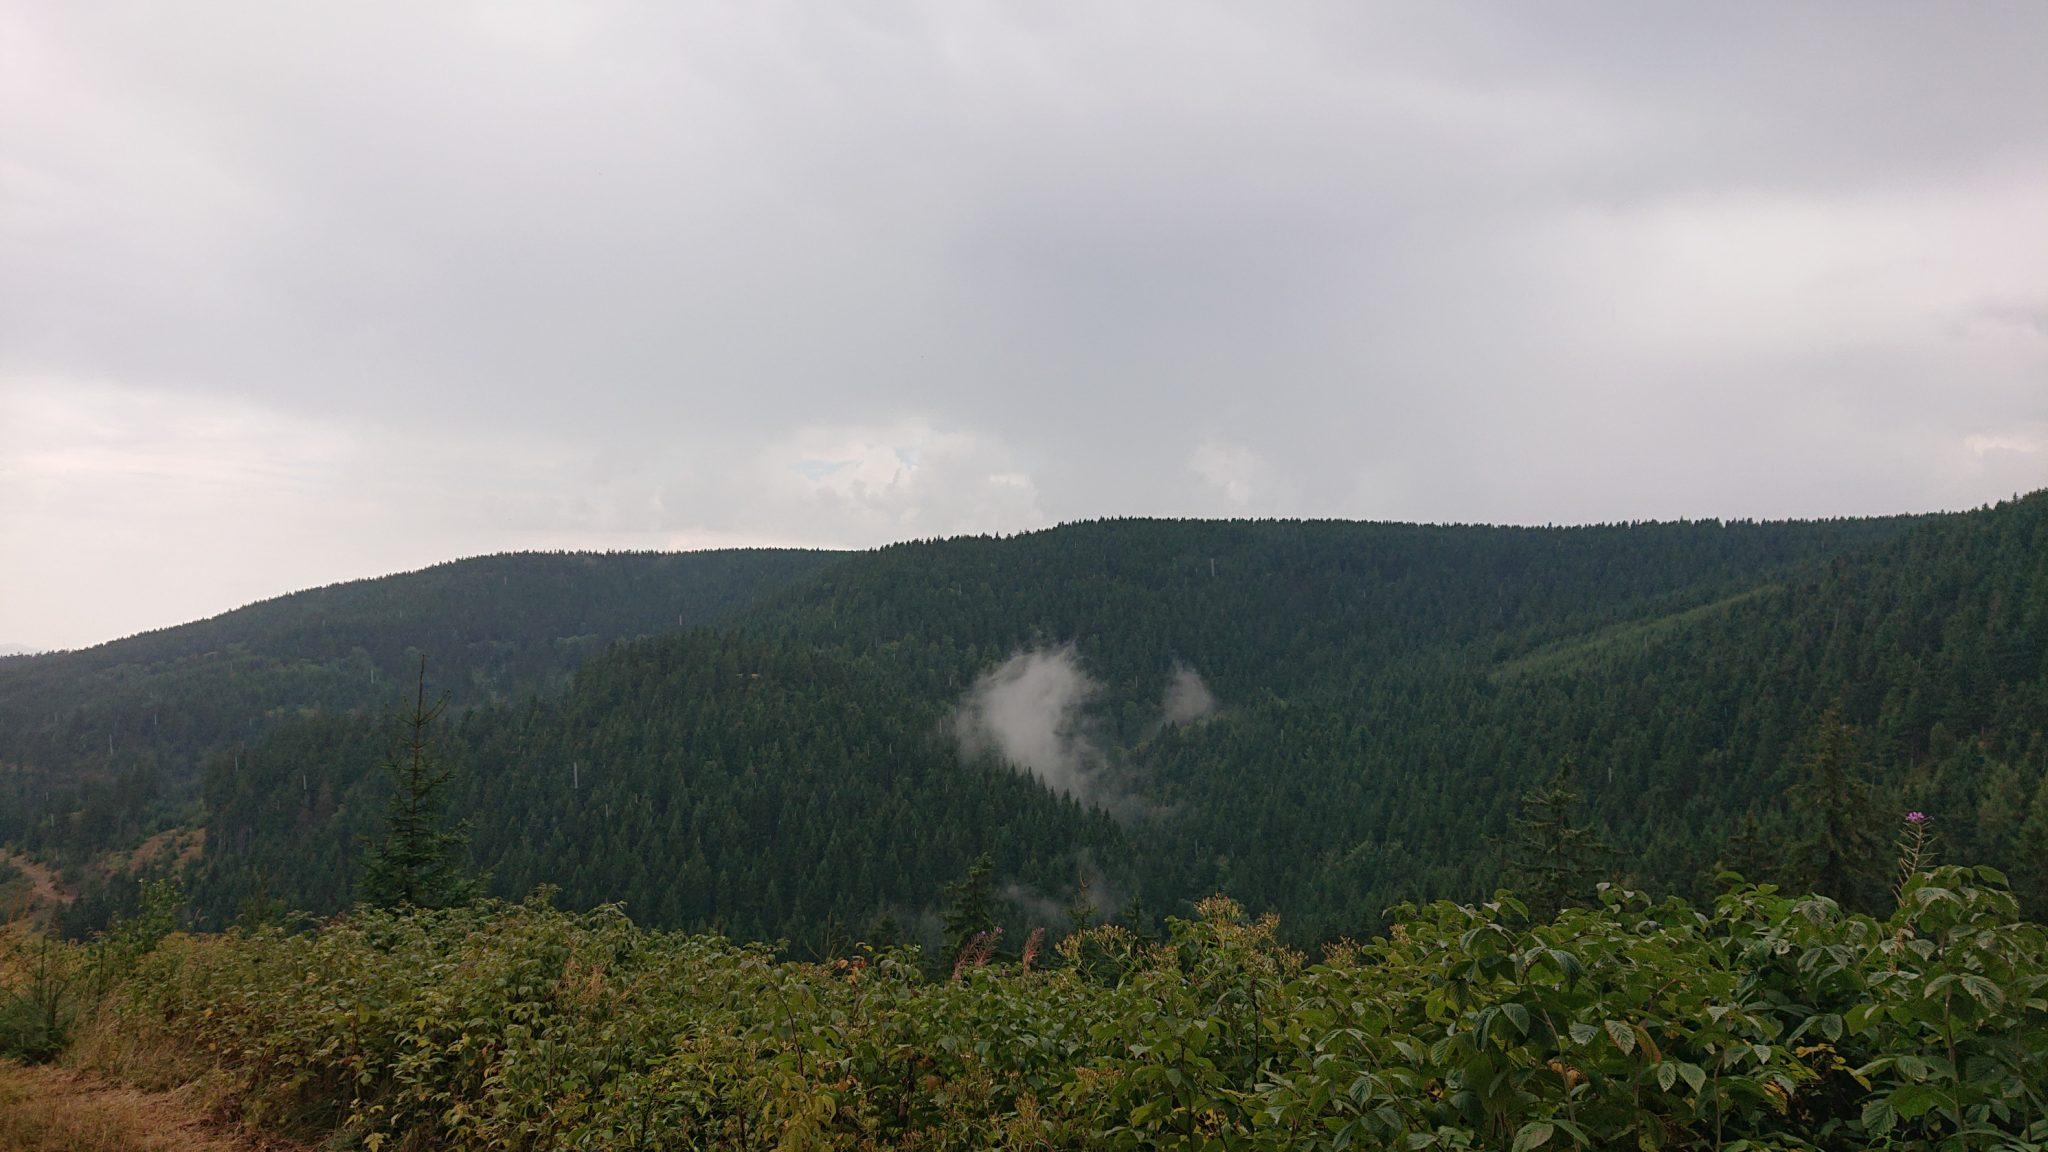 Großer Beerberg Schneekopf und Teufelskanzel, Gipfeltour Wanderung im Thüringer Wald, Aussicht auf Thüringer Wald